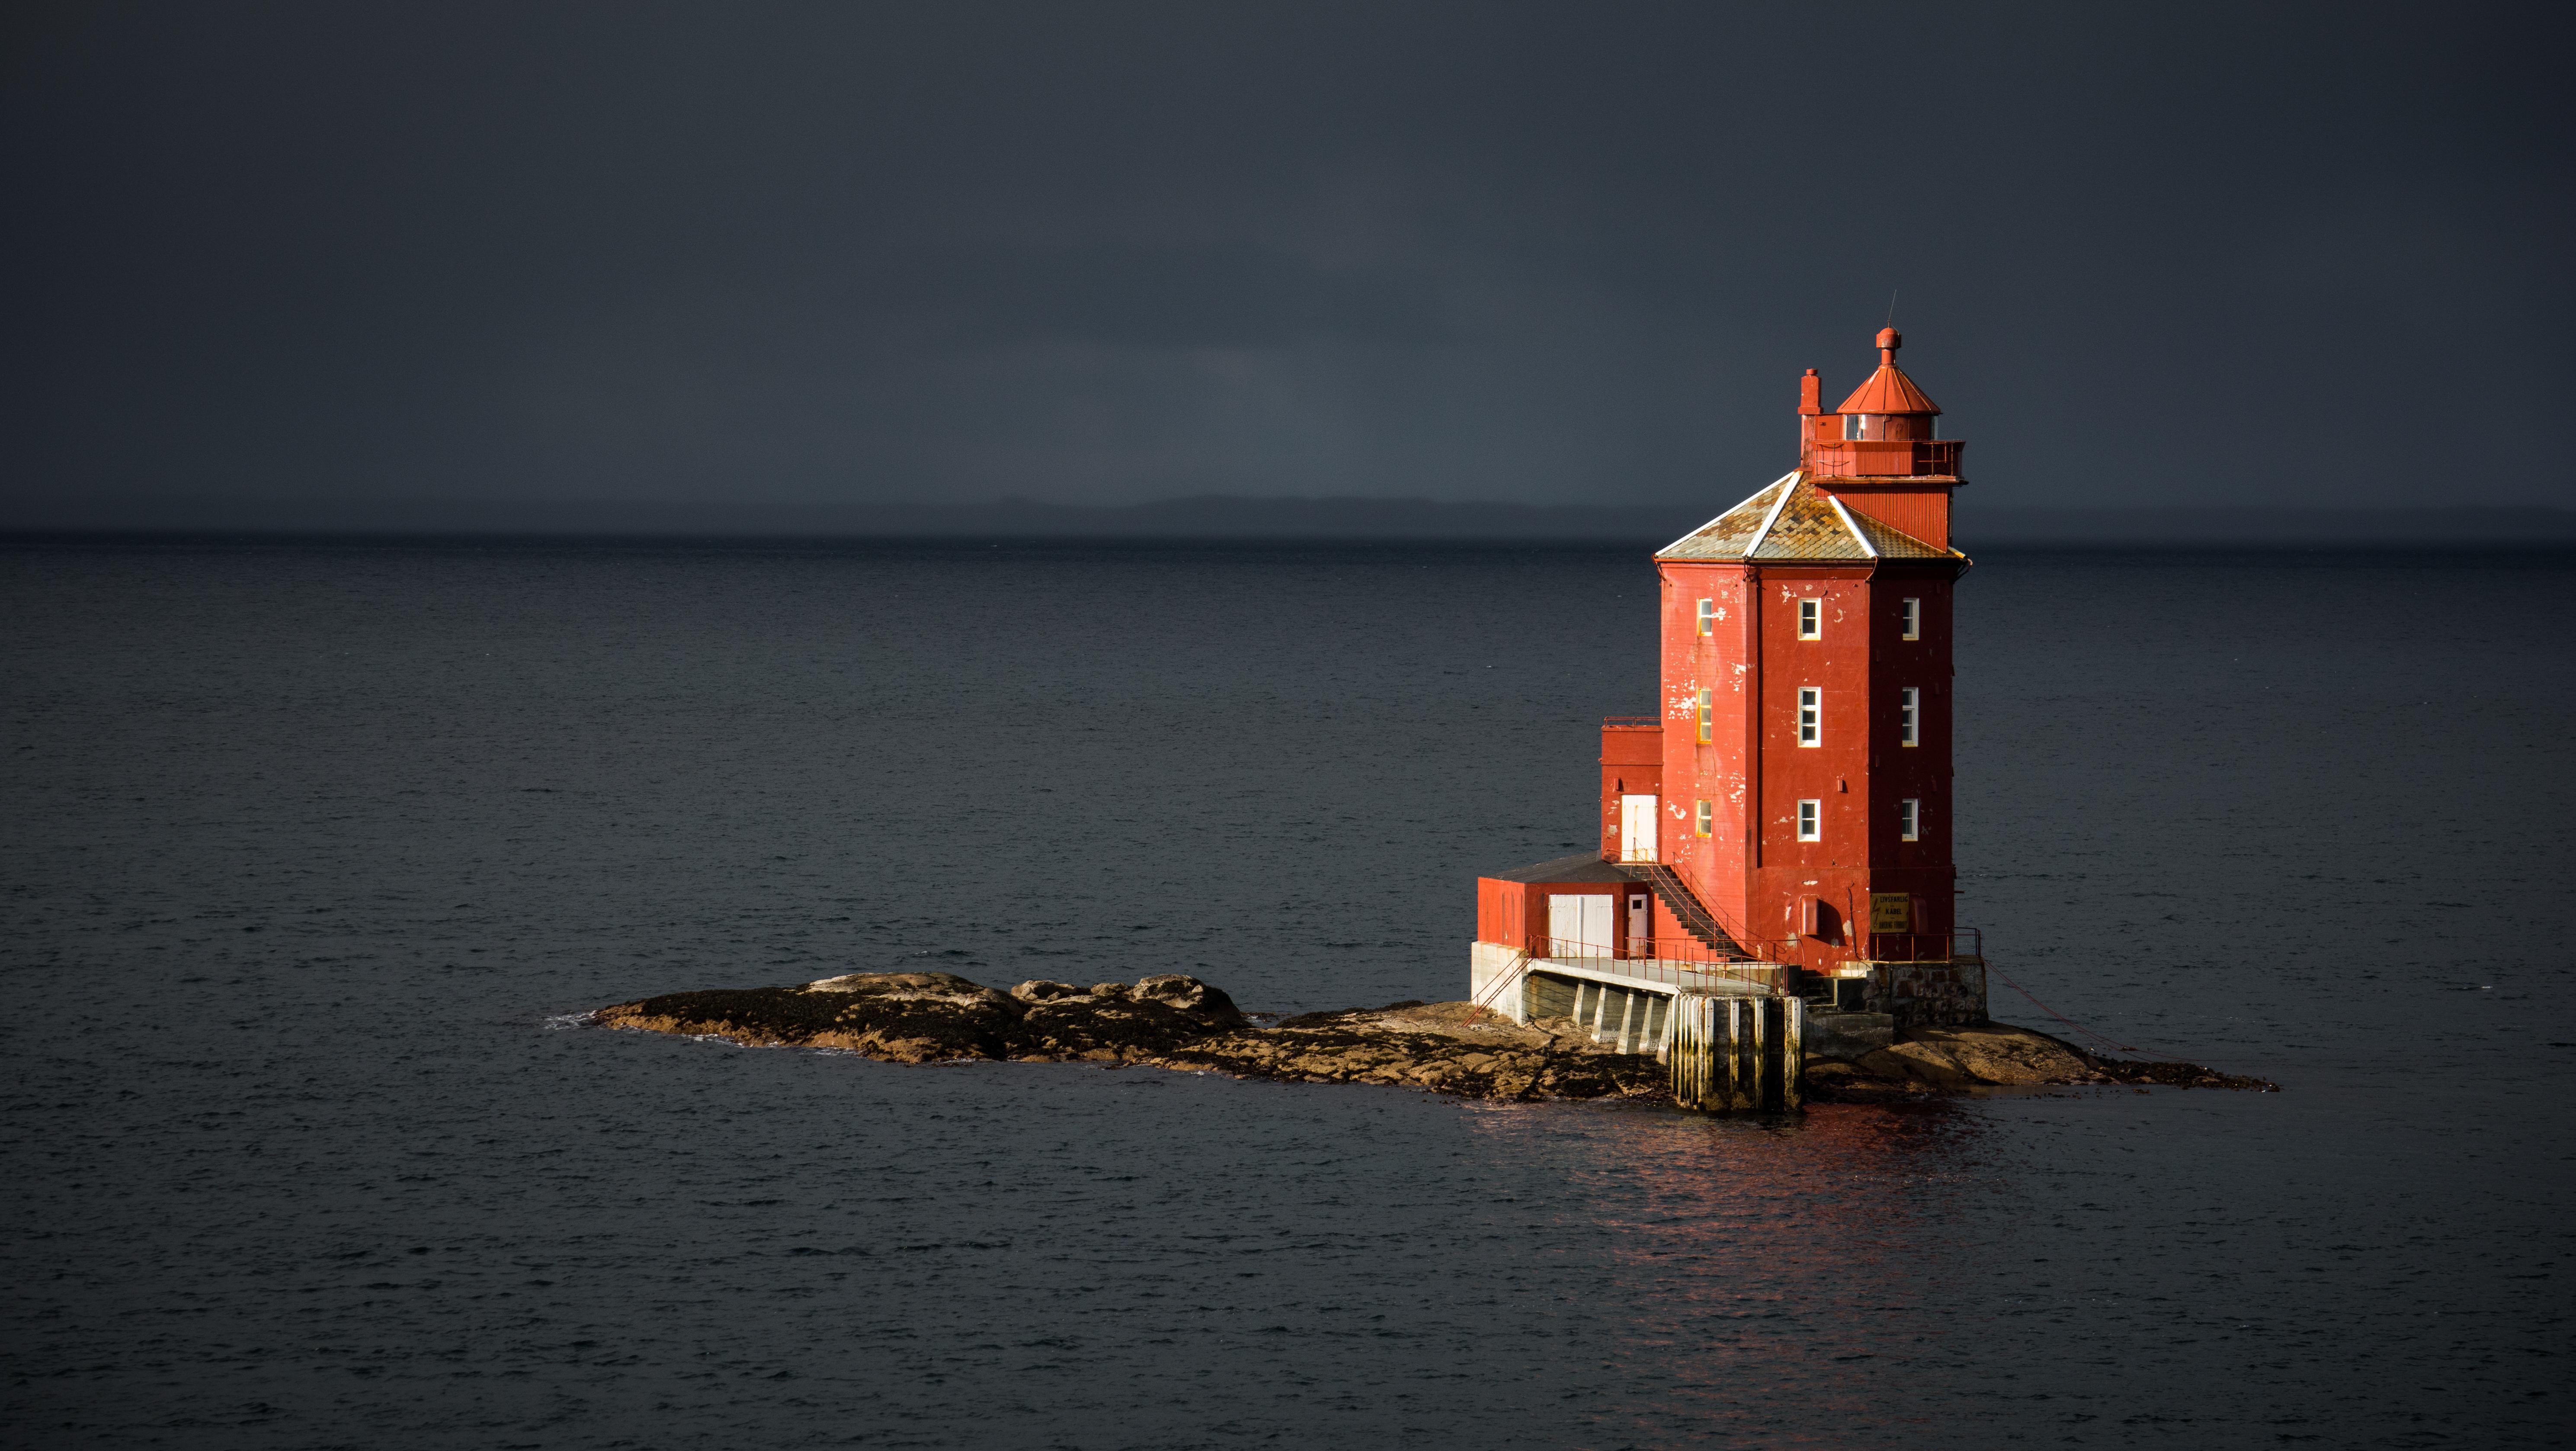 Kjeungskjaer Lighthouse